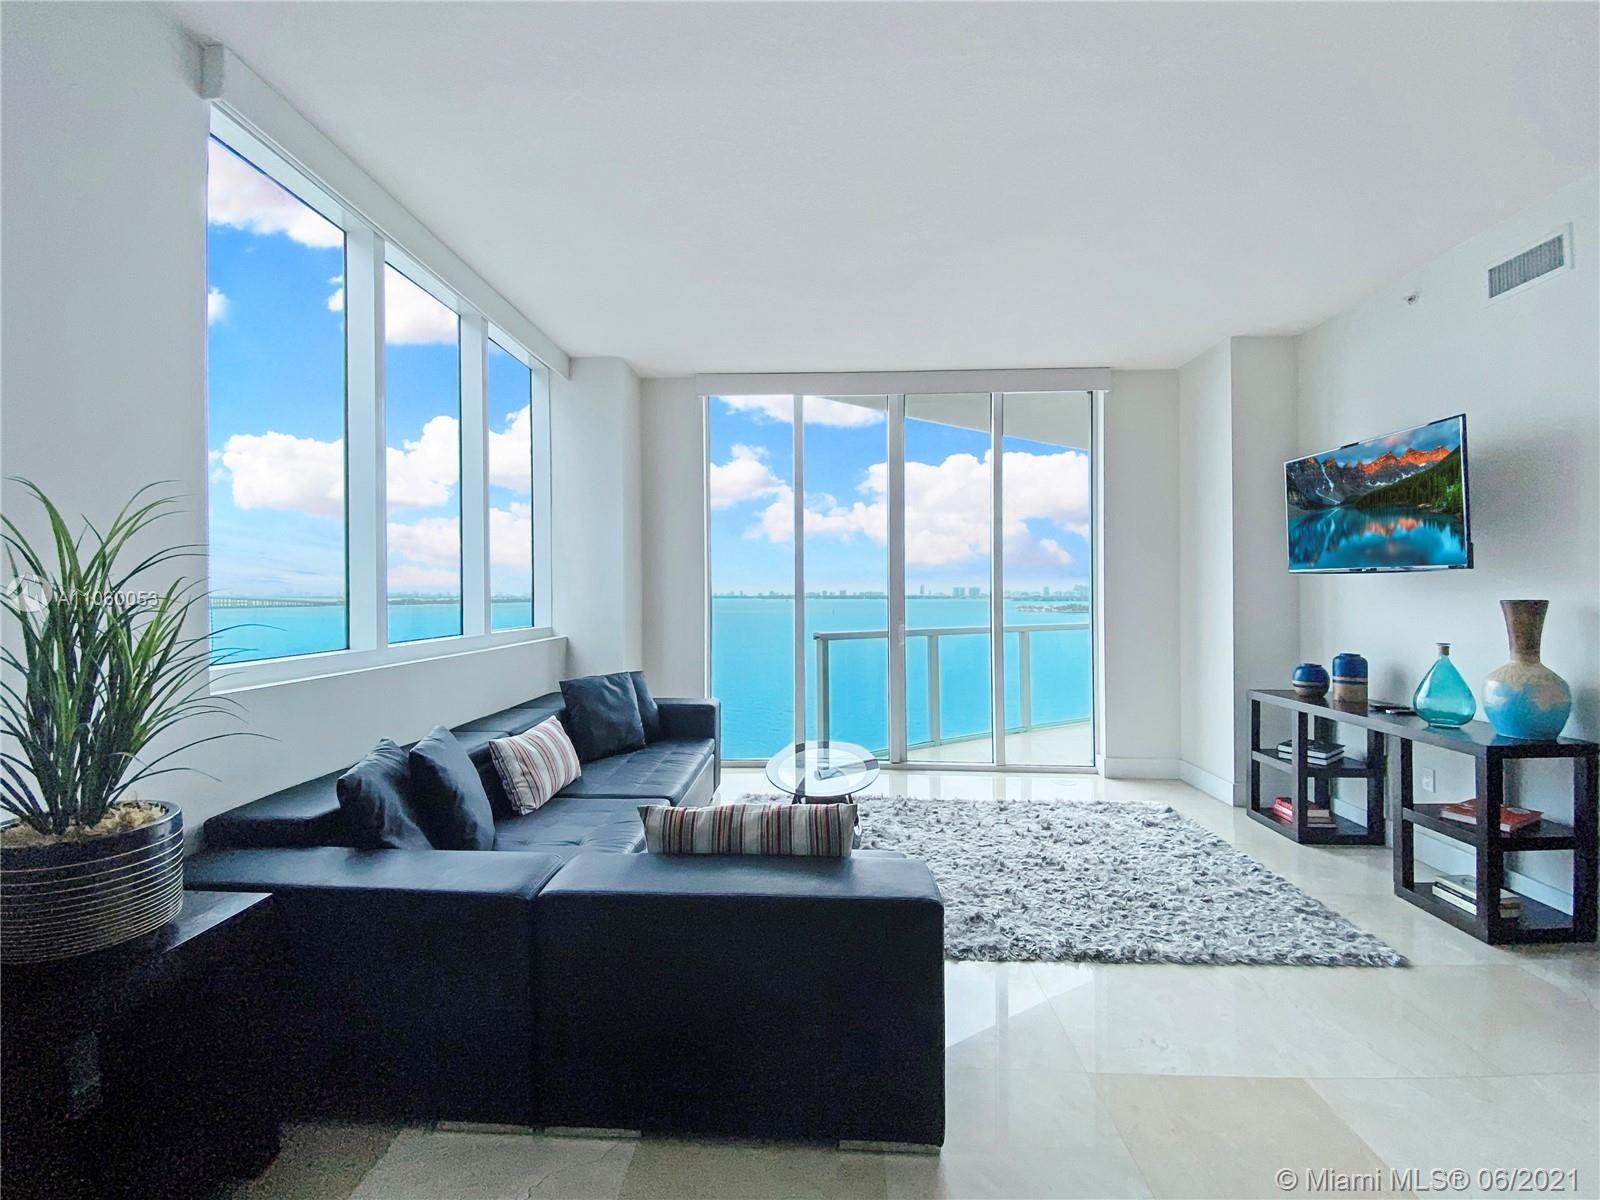 665 NE 25th St #506, Miami, FL 33137 - #: A11060053